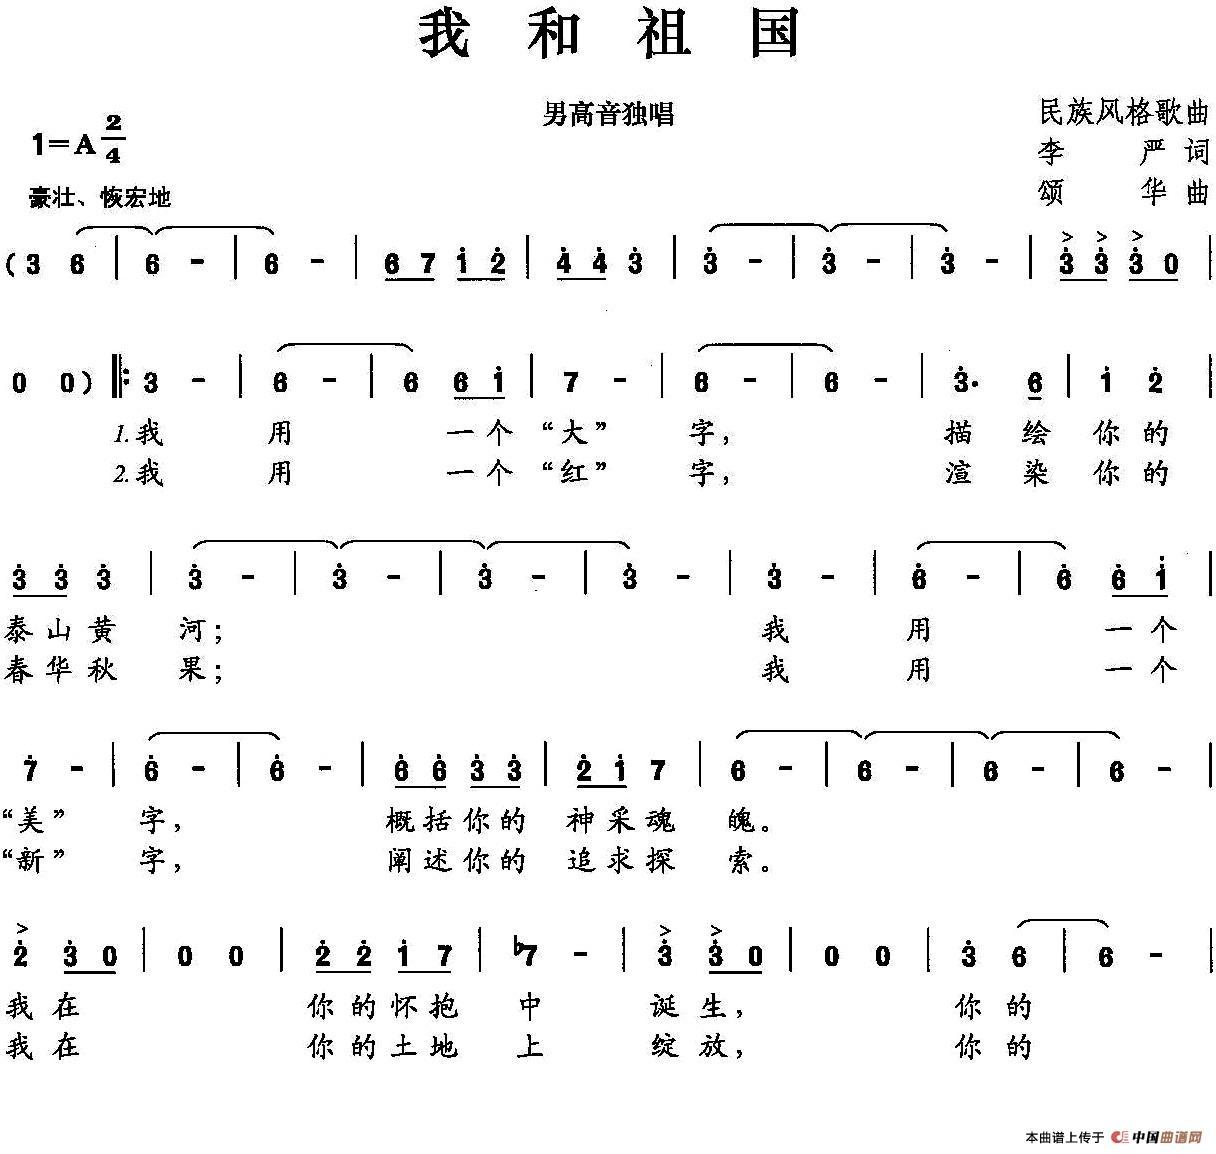 嘉禾颂曲谱_嘉禾望岗图片